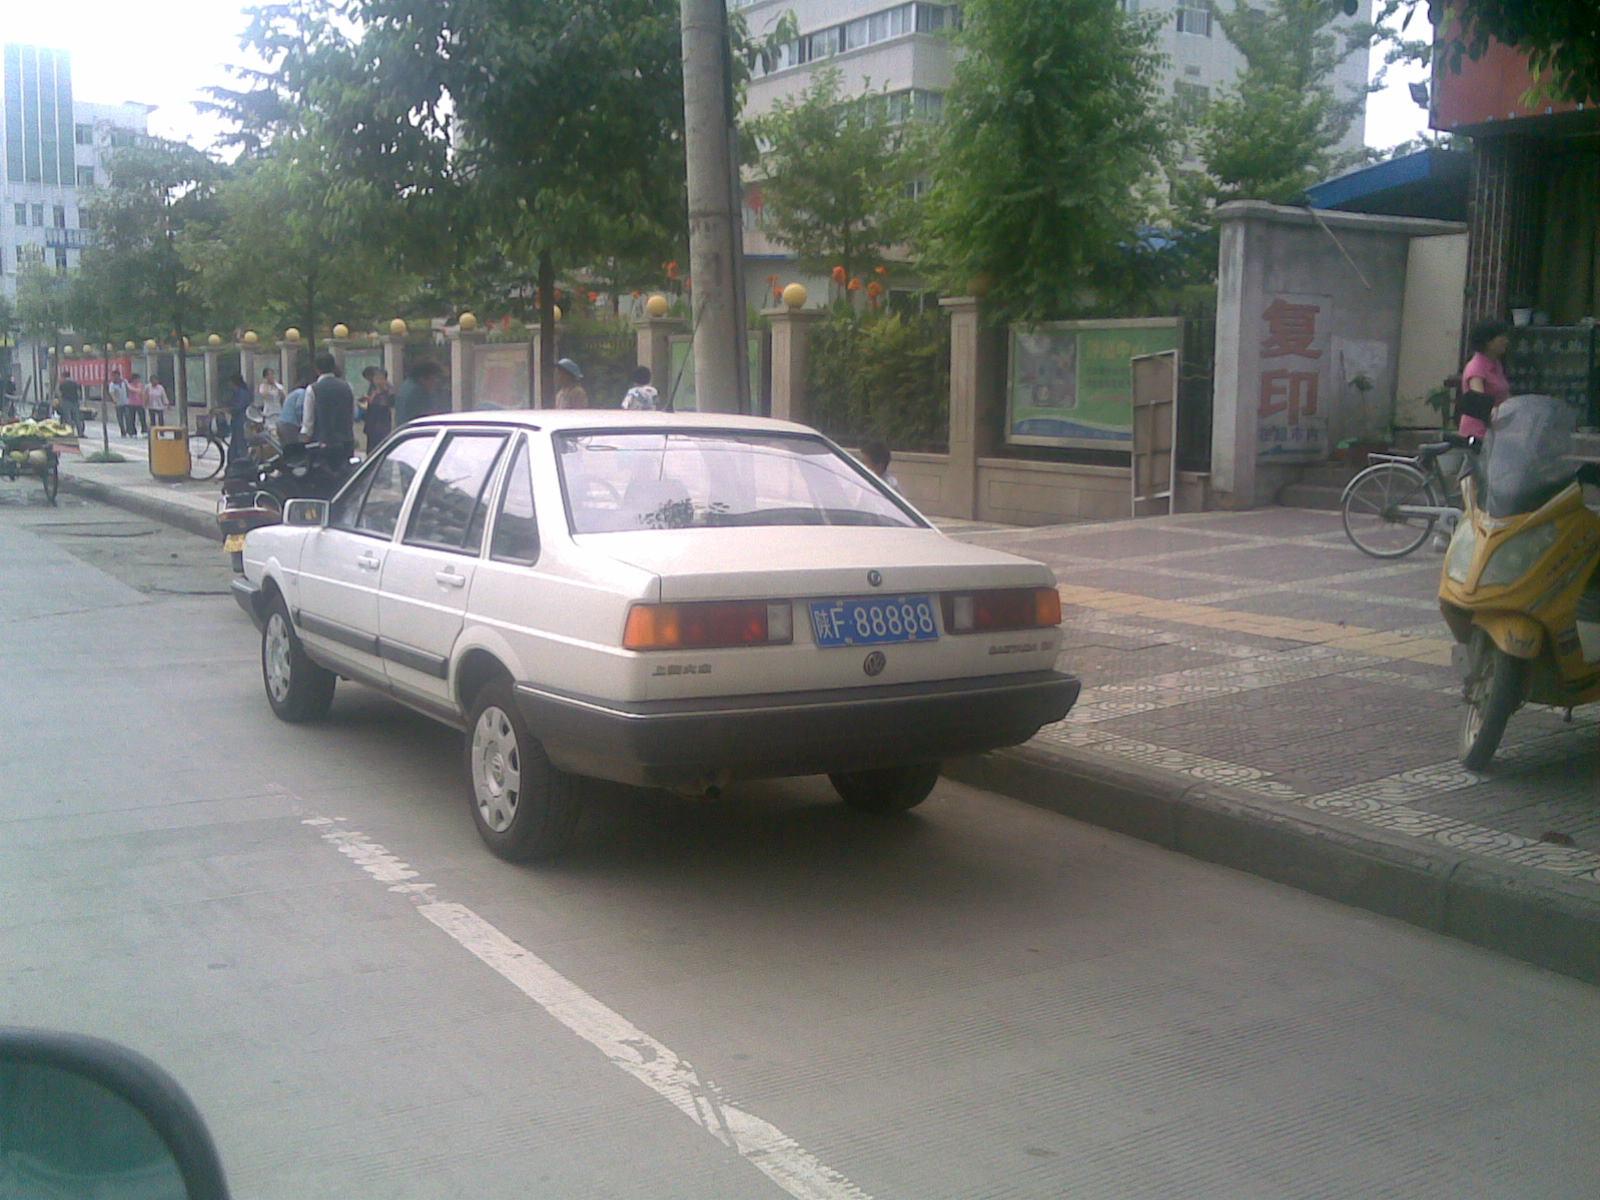 陕A88888 陕F88888 谁的车麻烦查下?_咸阳吧